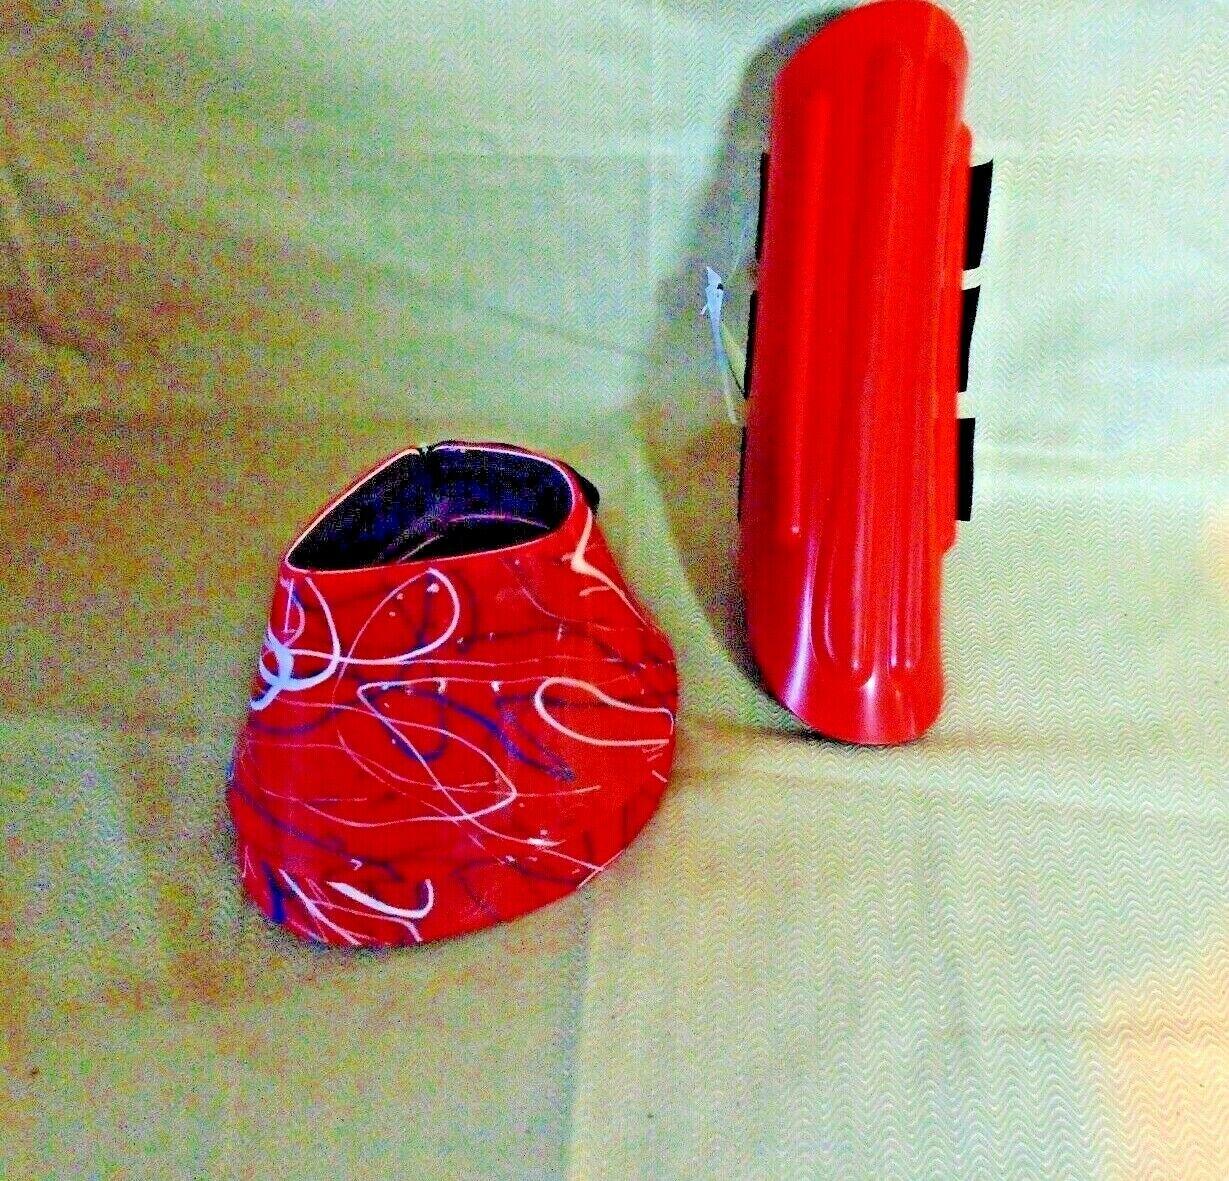 Davis medium Cheval Attelles et Bell bottes Paire de chaque (4) PIECES Med rouge